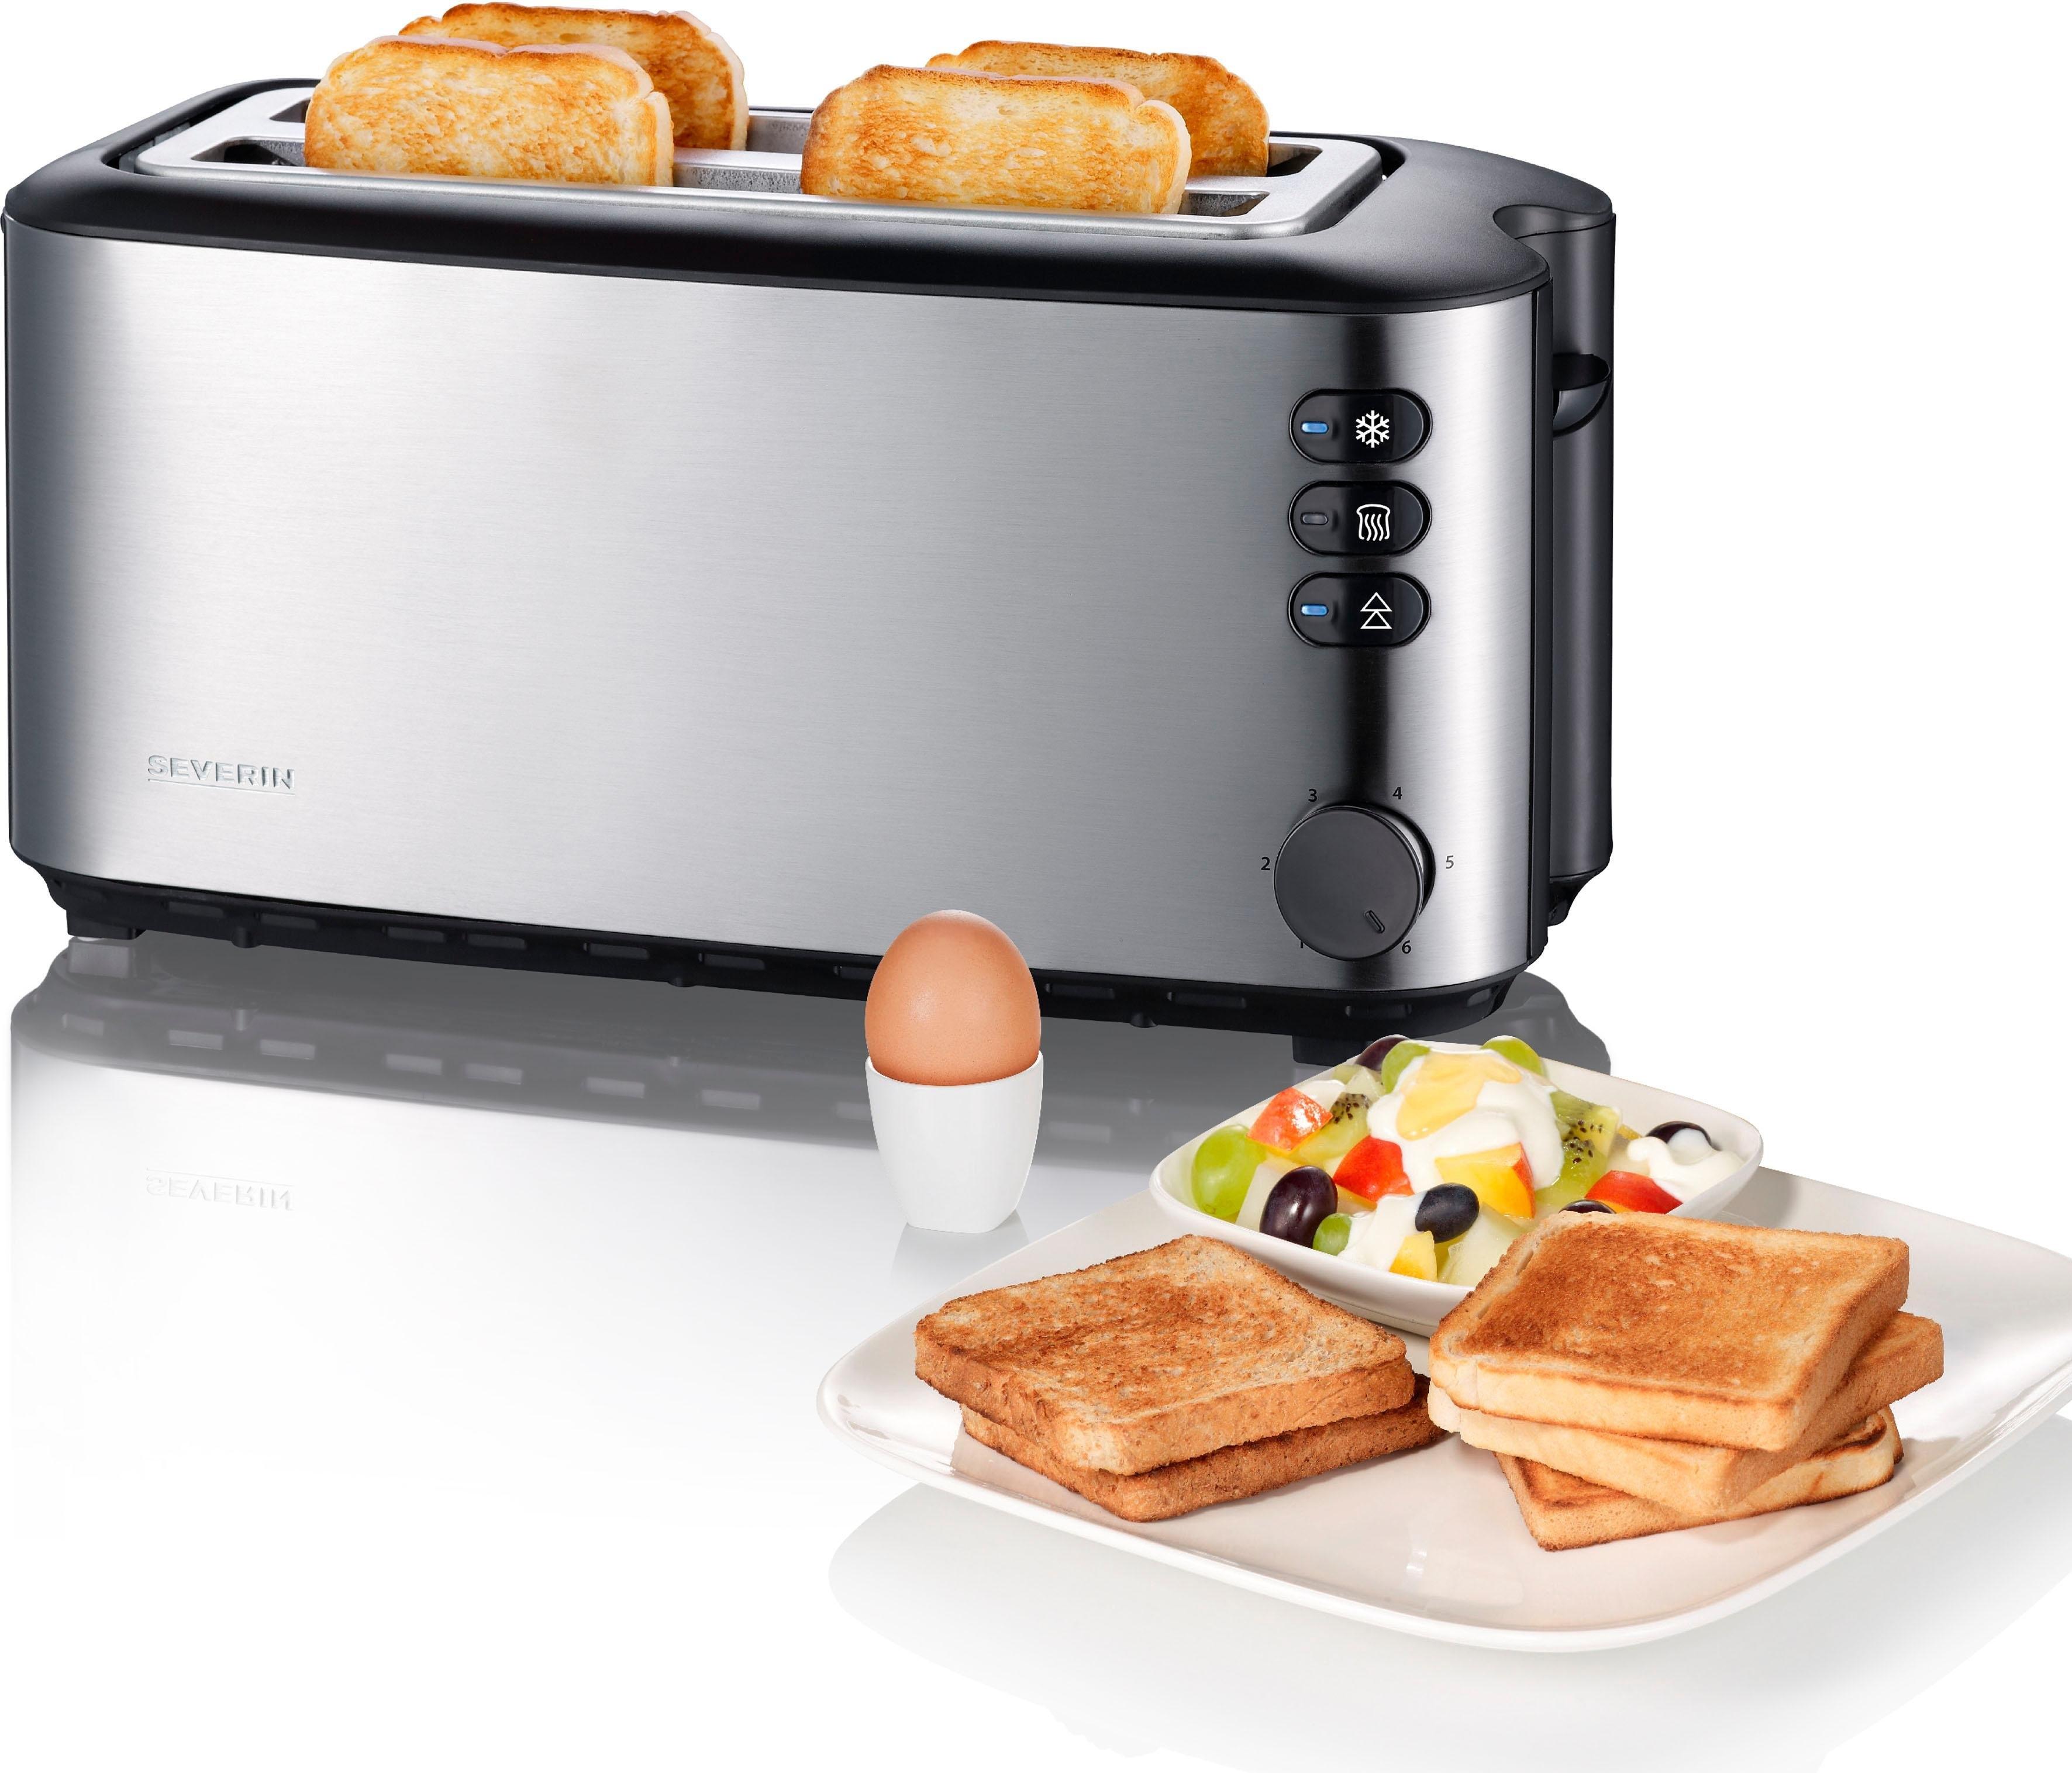 Severin toaster »AT 2509«, 1400 W bestellen: 30 dagen bedenktijd